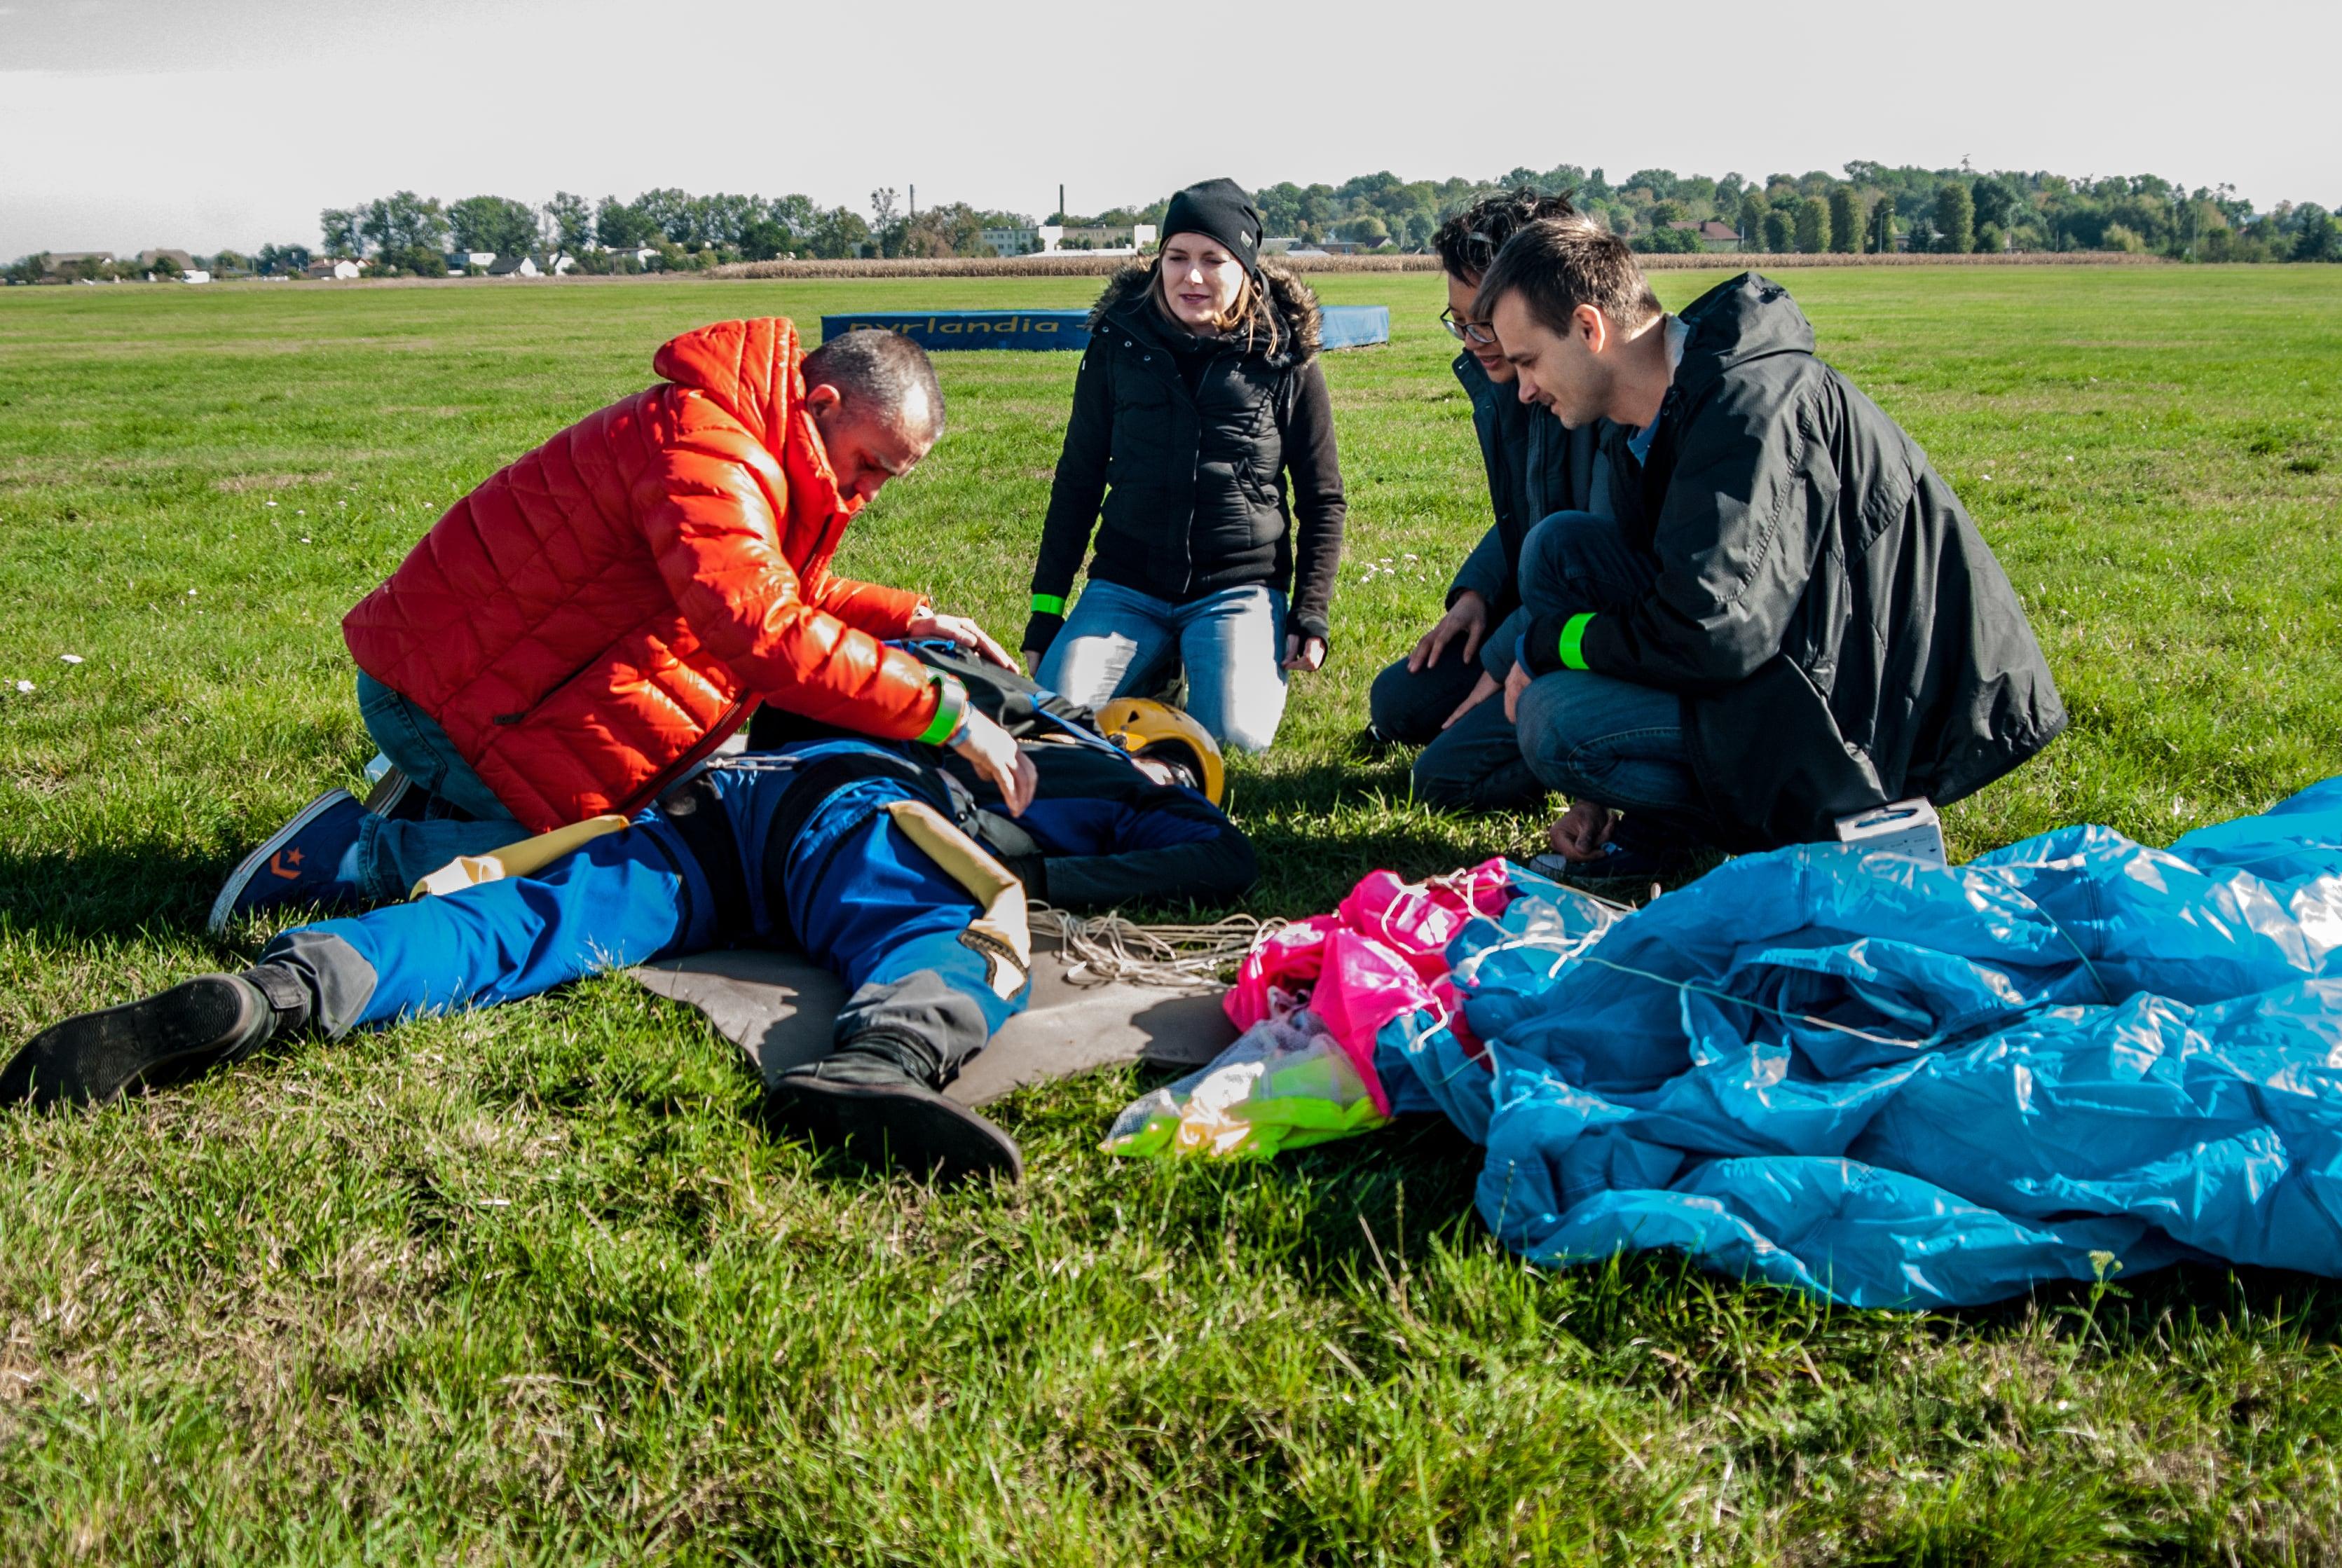 pierwsza pomoc wypadek spadochronowy, skoczek uderzył w ziemię, skydive class=